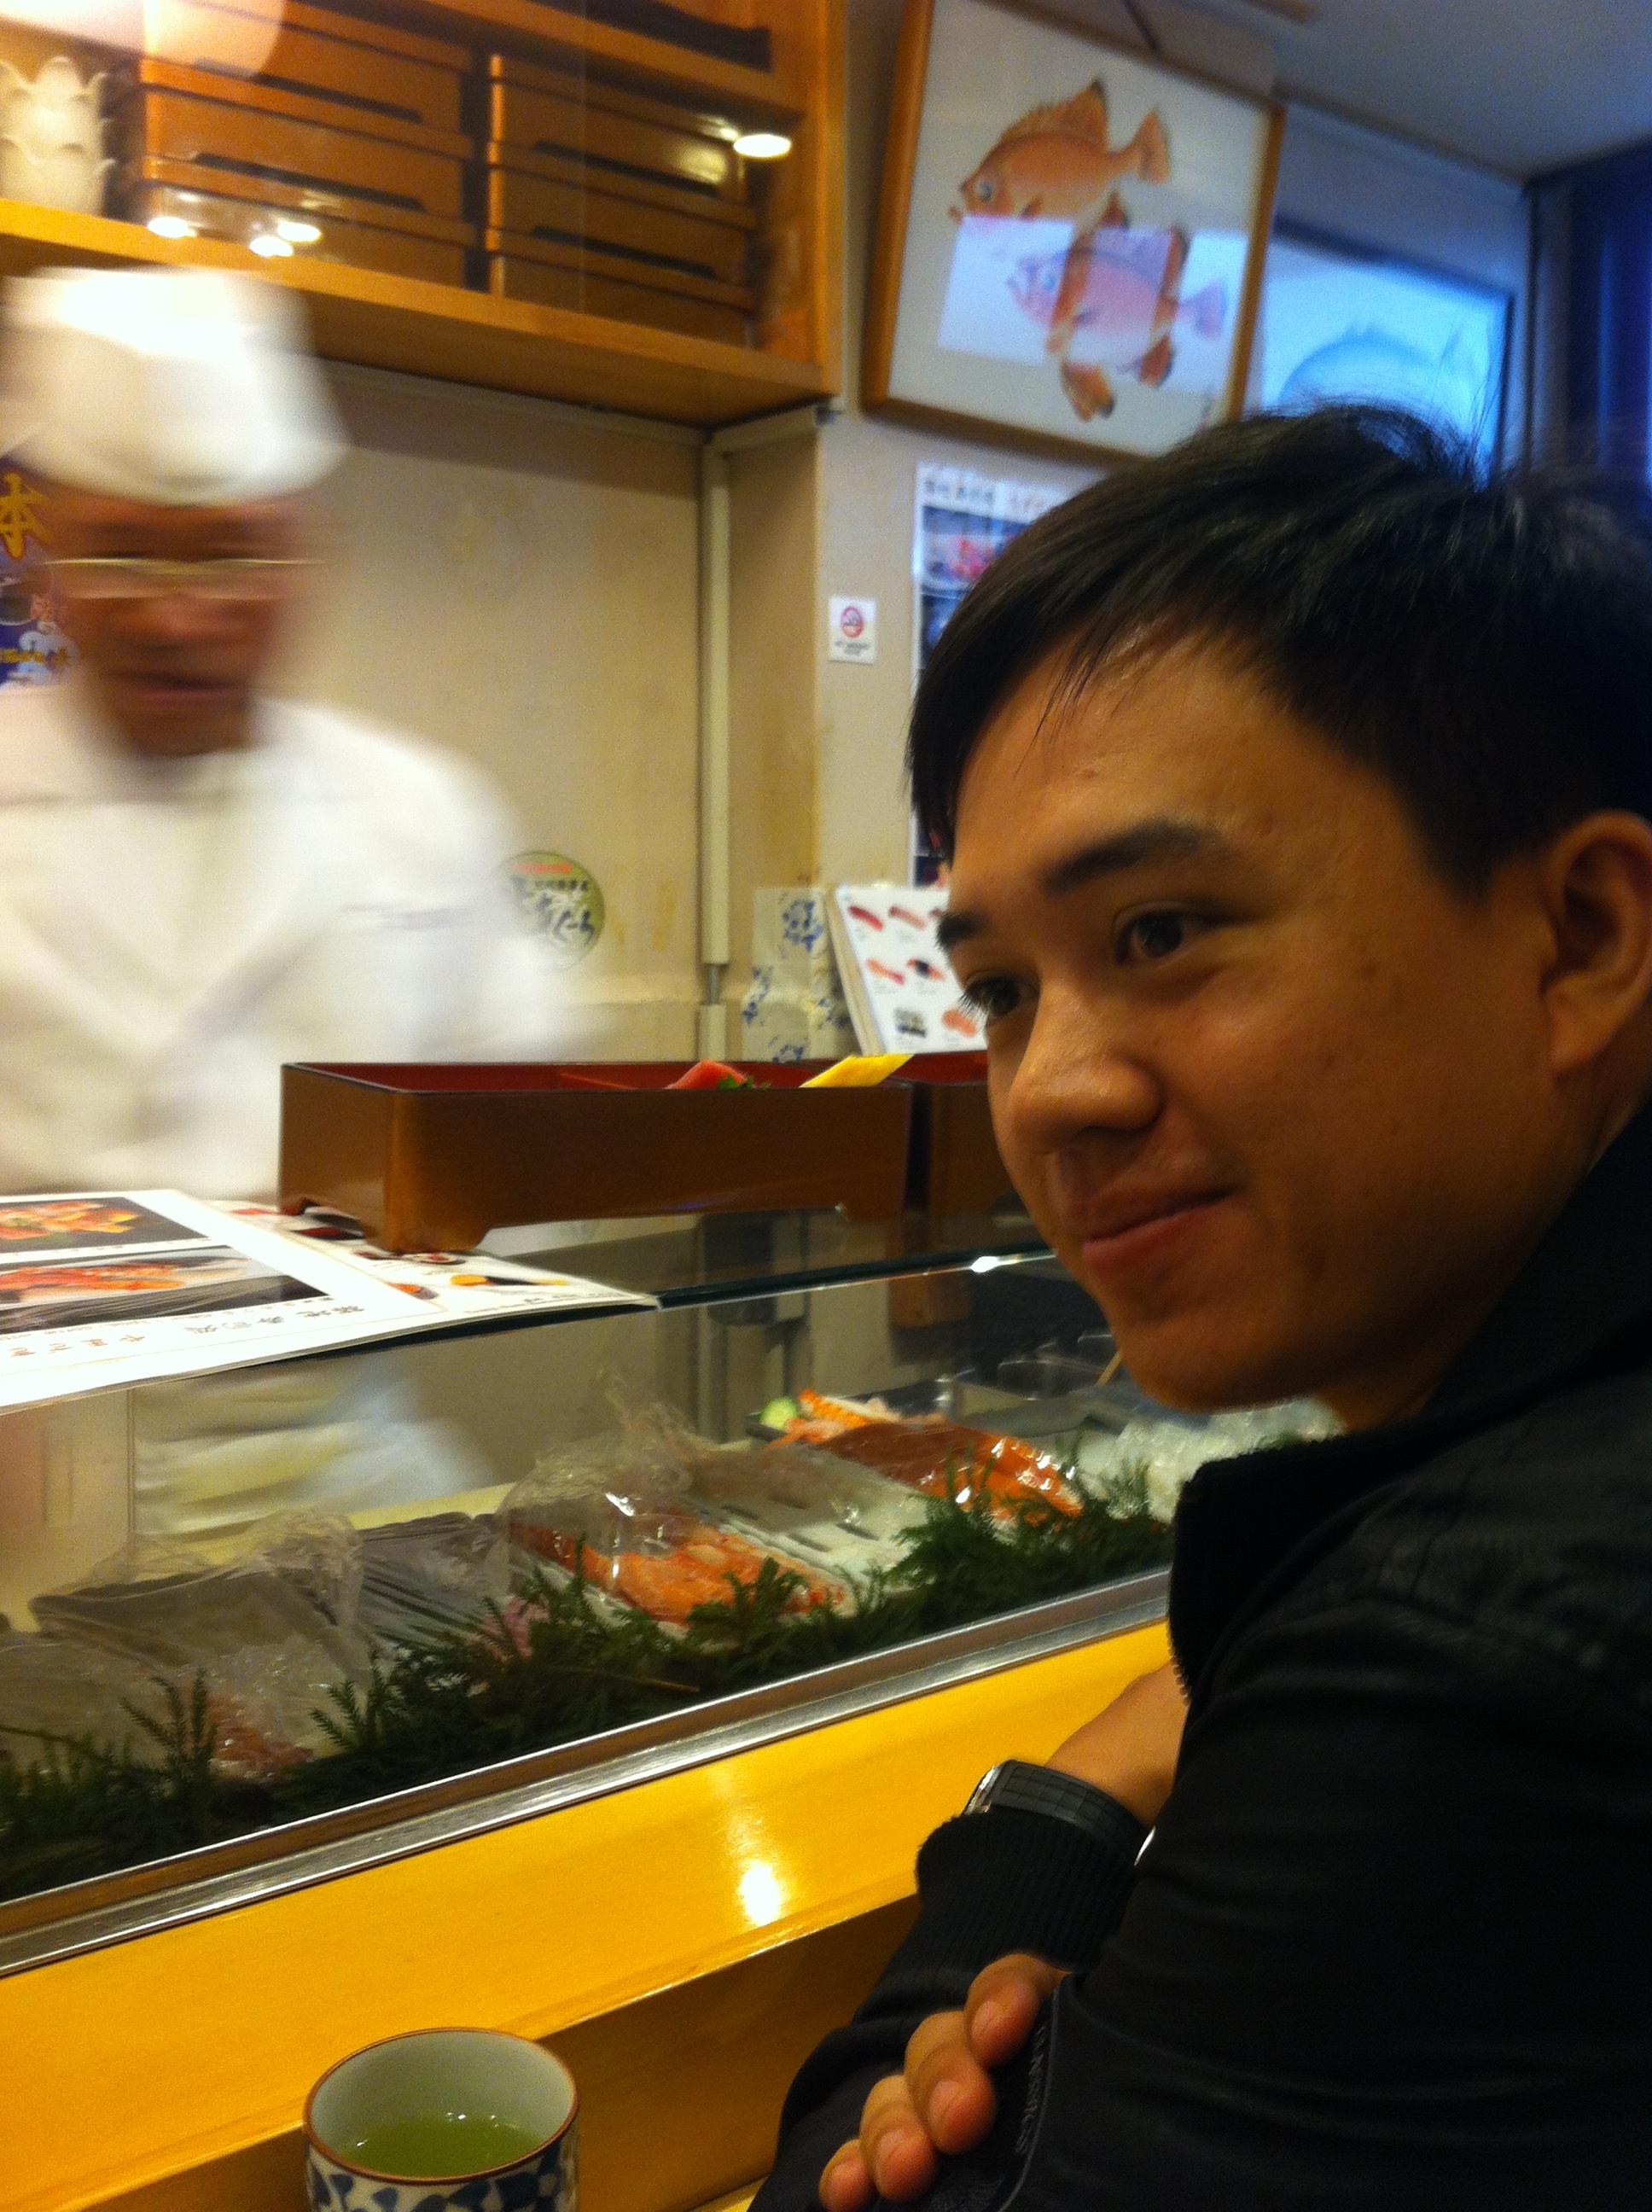 โรงแรมร้านอาหารโตเกียวญี่ปุ่นแนะนำPicture 343พันธ์ศักดิ์ ขันทะสอน,ผู้กองเบิร์ดชลบุรี,ผู้กองเบิร์ดศรีราชา,ผู้กองเบิร์ดแม่สายเชียงราย